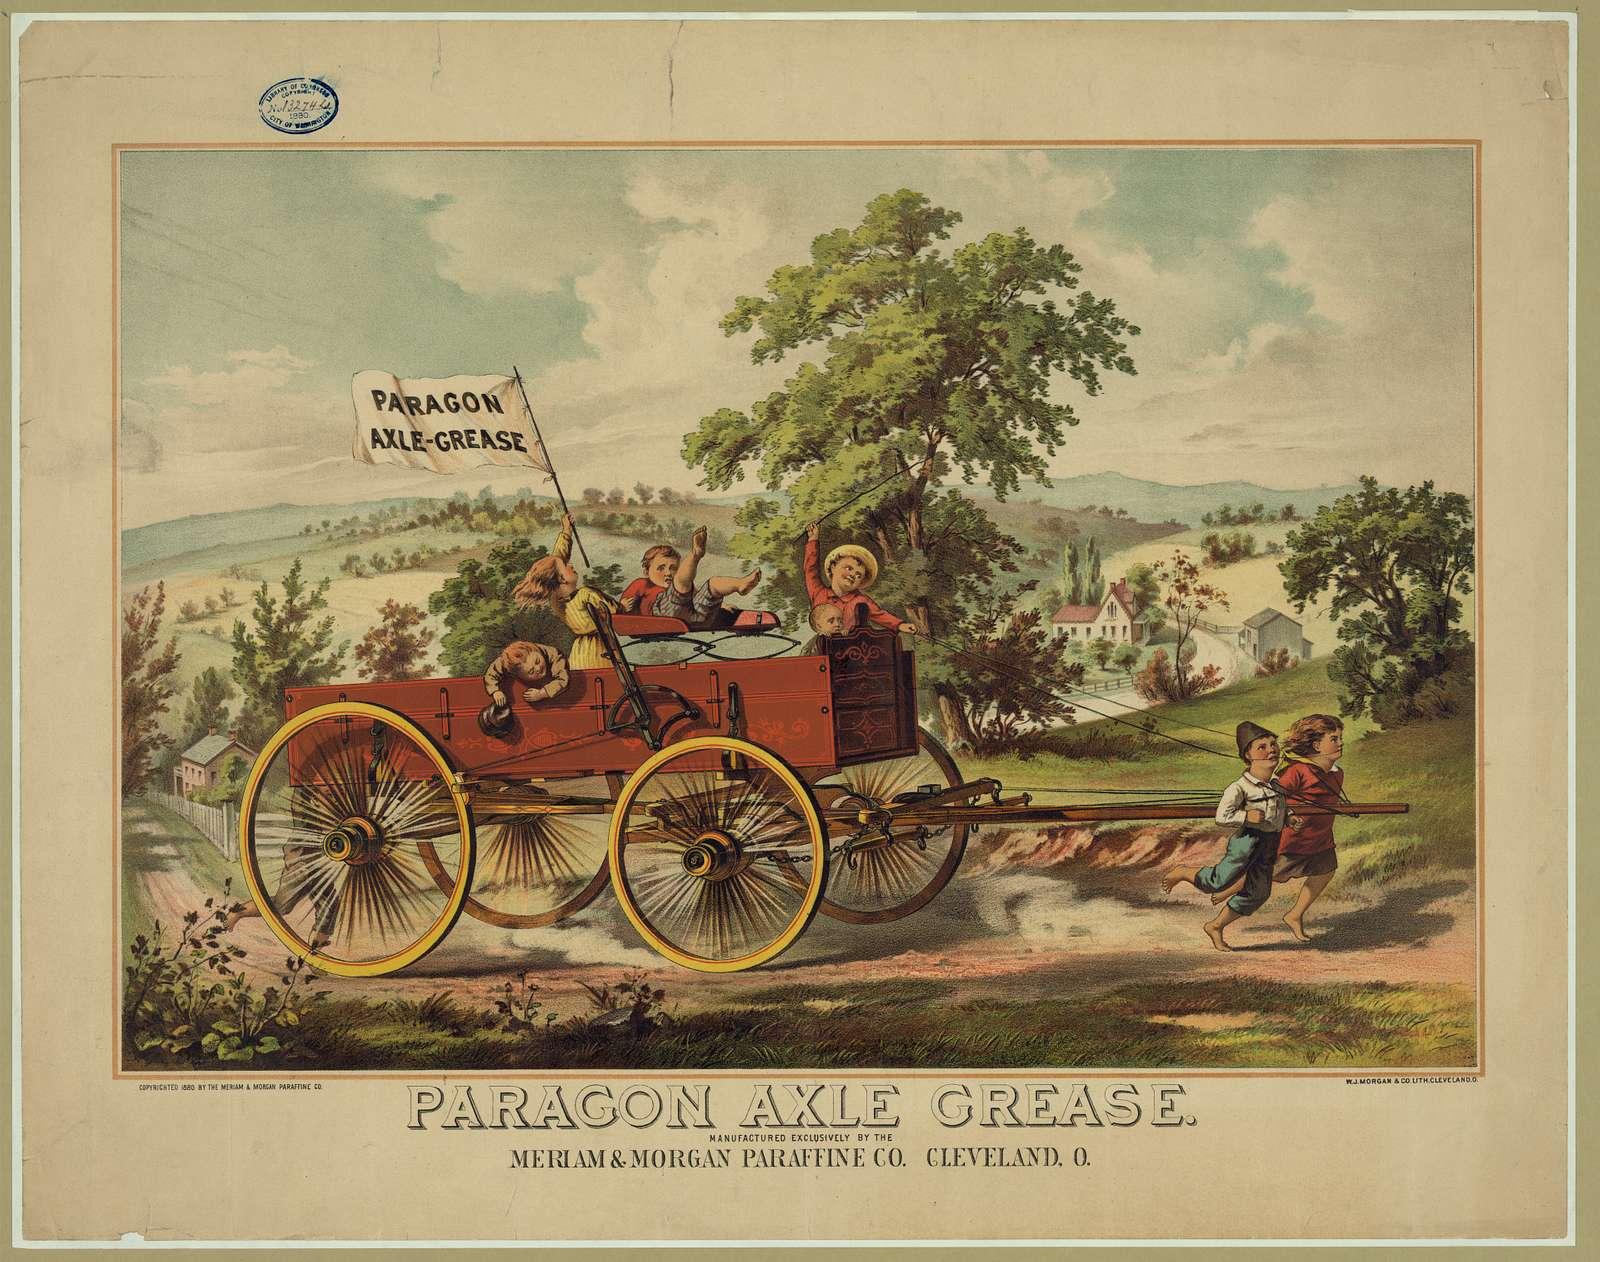 Paragon axle grease. Cleveland, O.